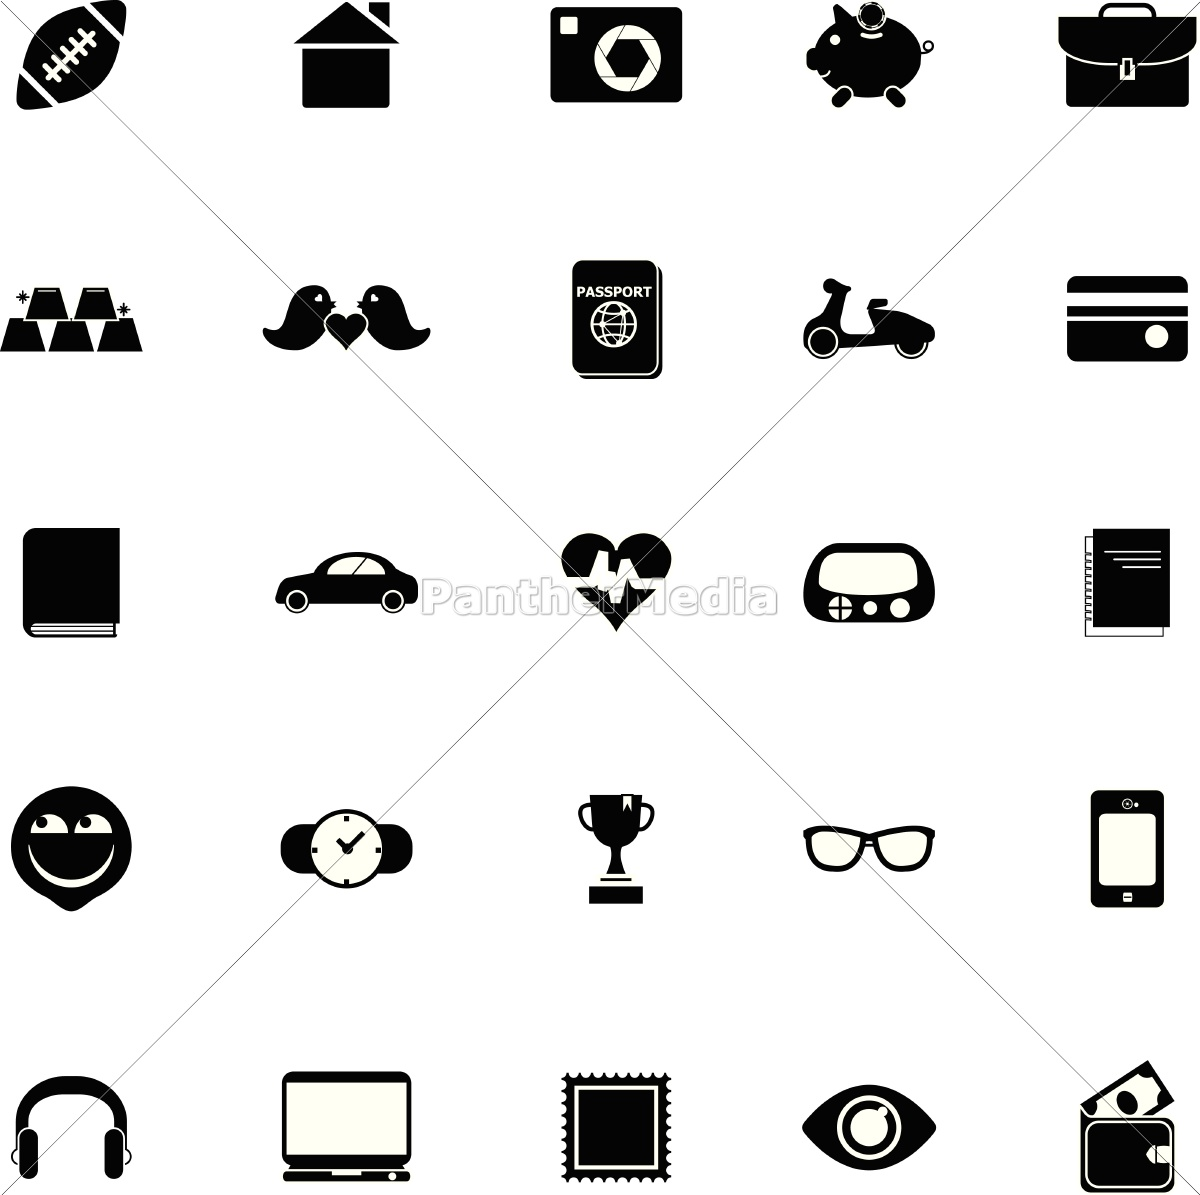 persönliche, datensymbole, auf, weißem, hintergrund - 14600419